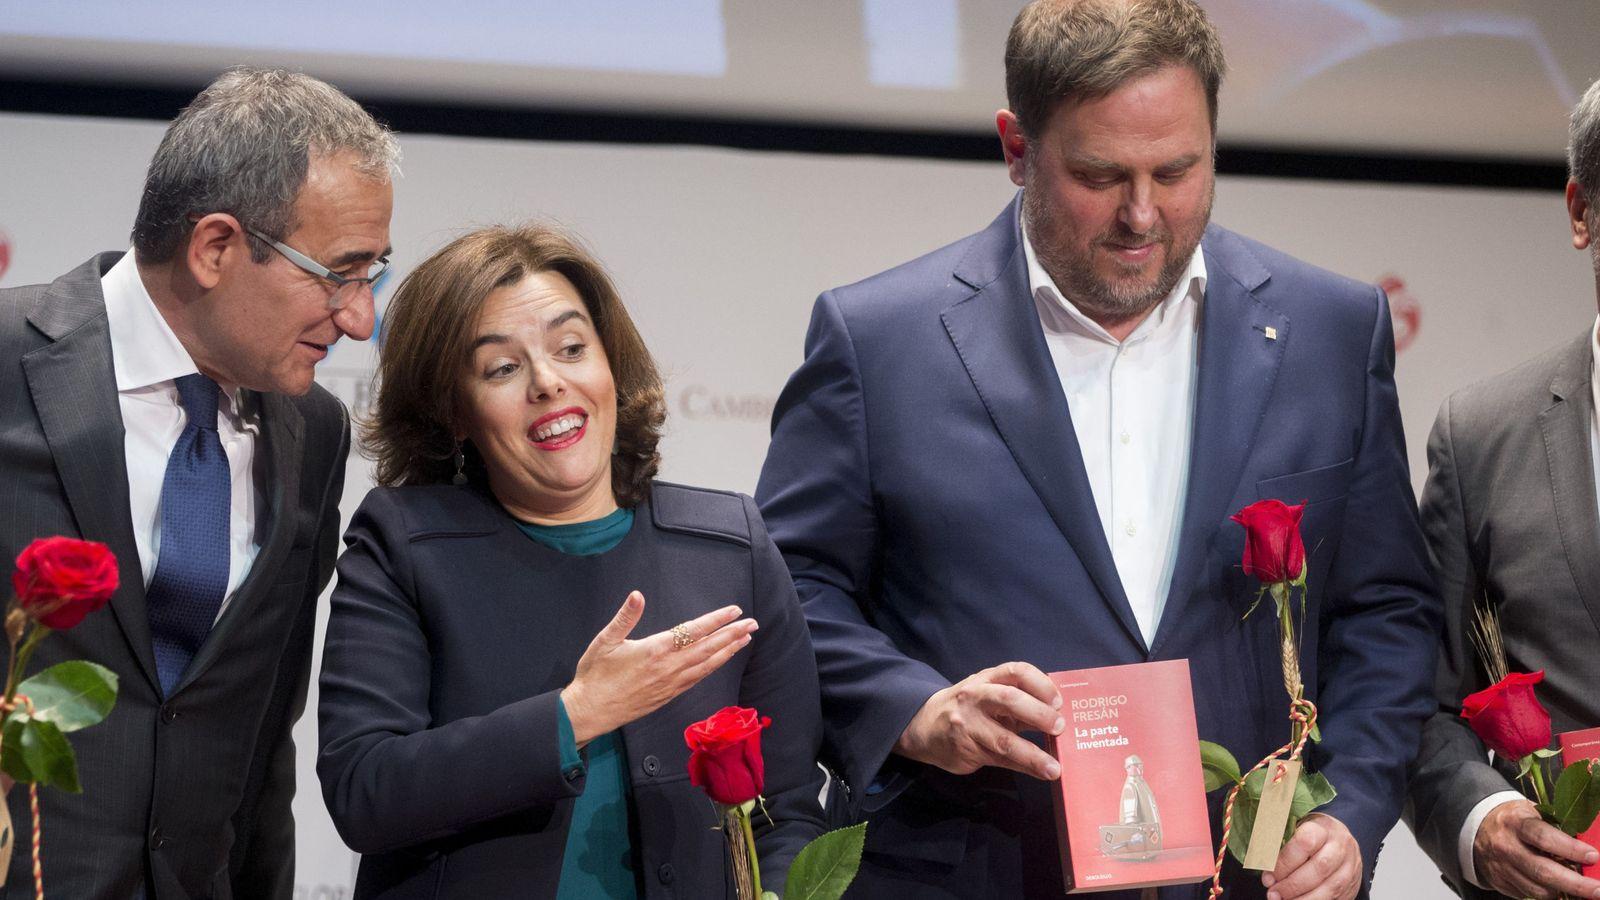 Foto: La vicepresidenta del Gobierno, Soraya Sáenz de Santamaria (c) regala un libro al vicepresidente de la Generalitat de Cataluña, Oriol Junqueras (d), en presencia del presidente del Gremio de Editores, Patrici Tixis. (EFE)